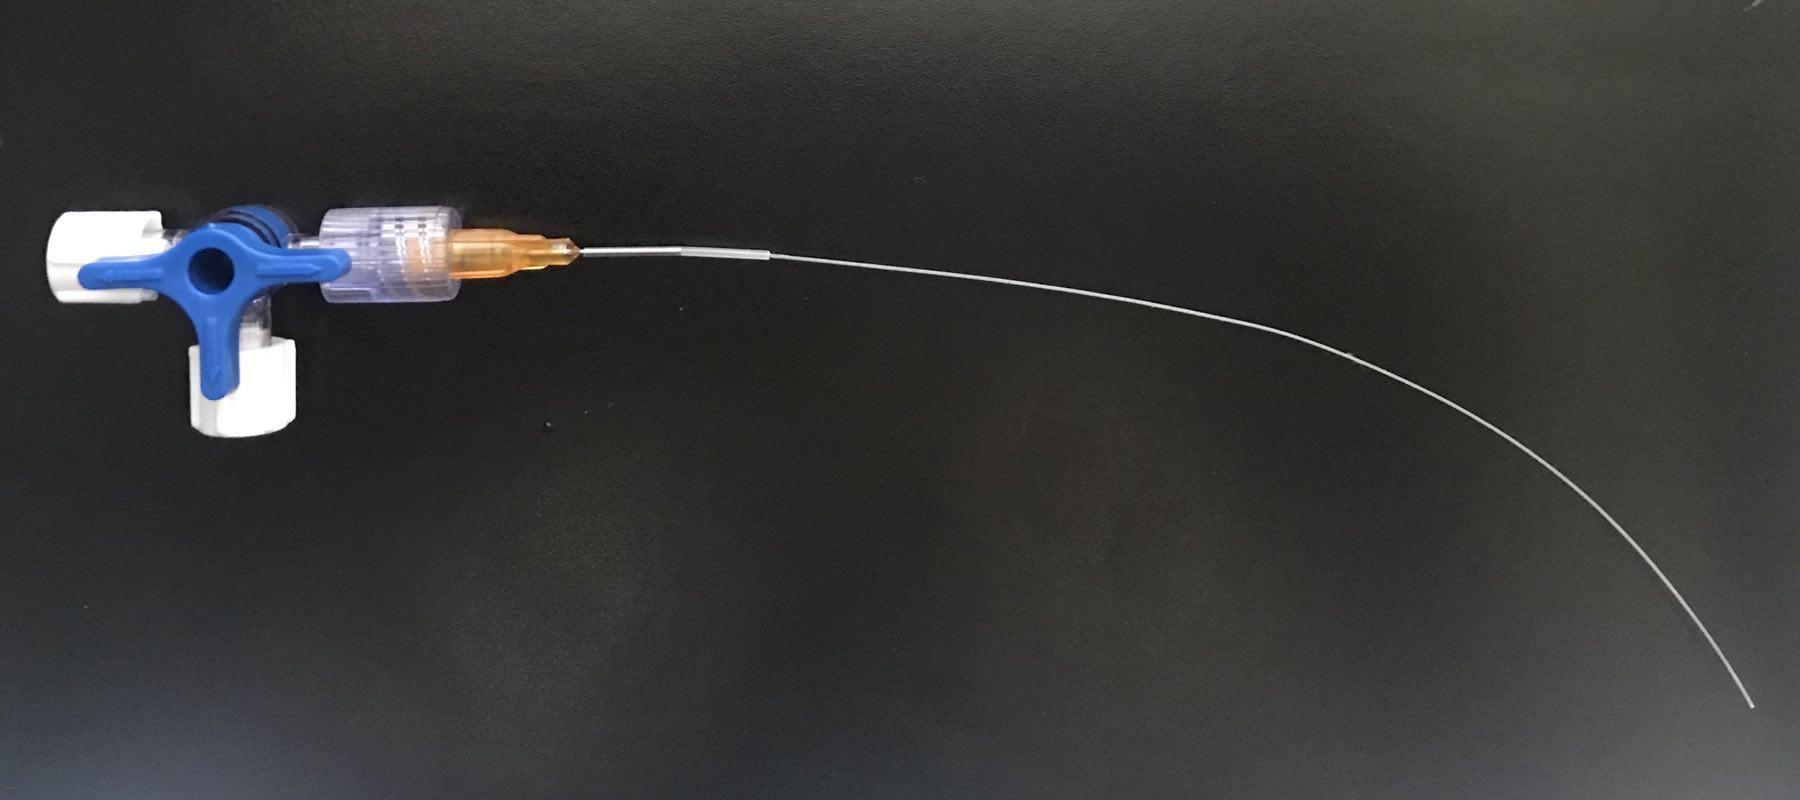 血管插管/动脉插管/静脉插管/鞘内插管/颅内插管/PE管/硅胶管